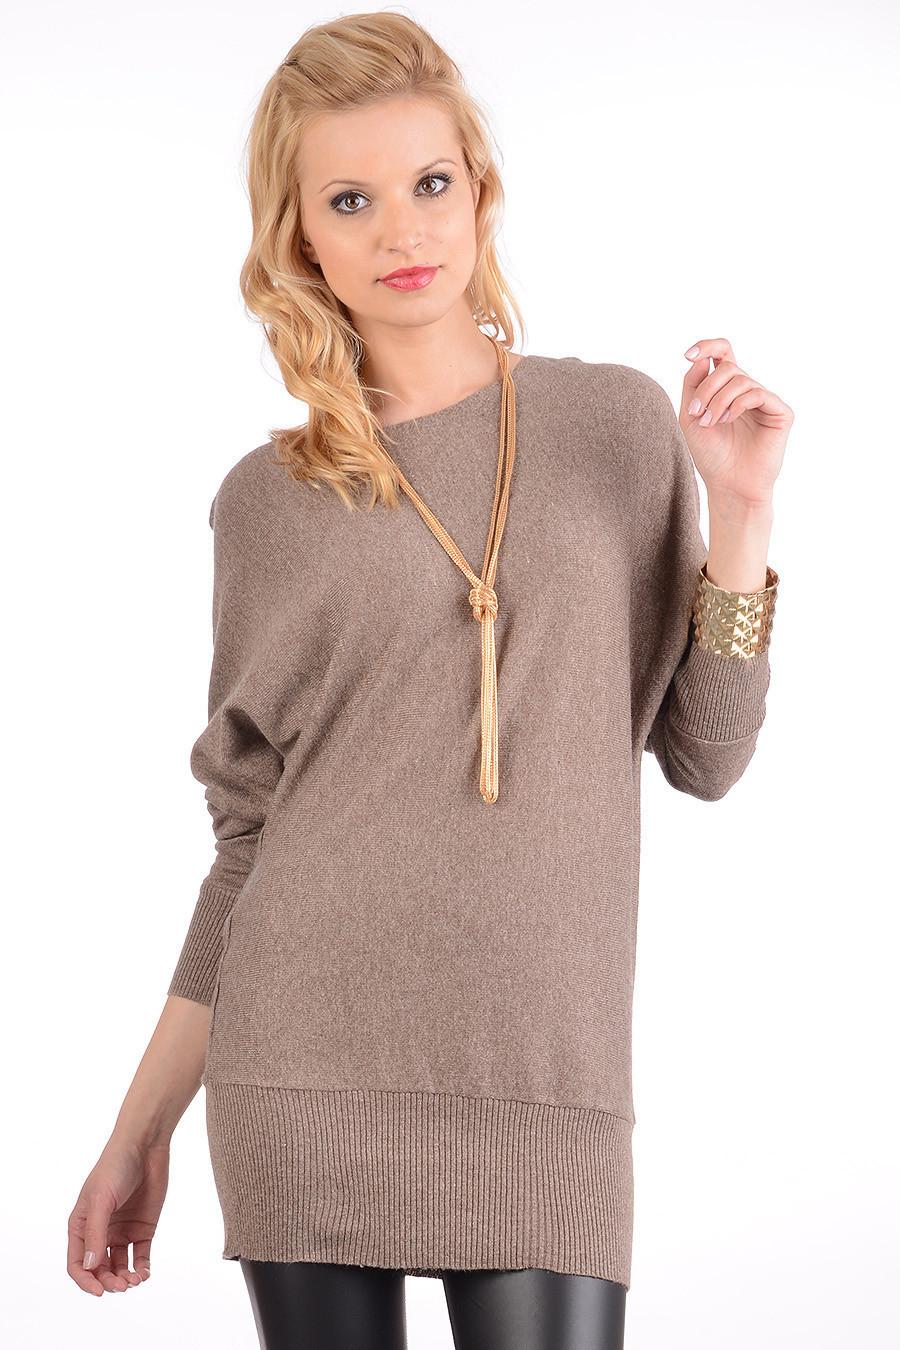 Długi damski sweter z rękawem kimono za 39,99zł @ Avaro.pl